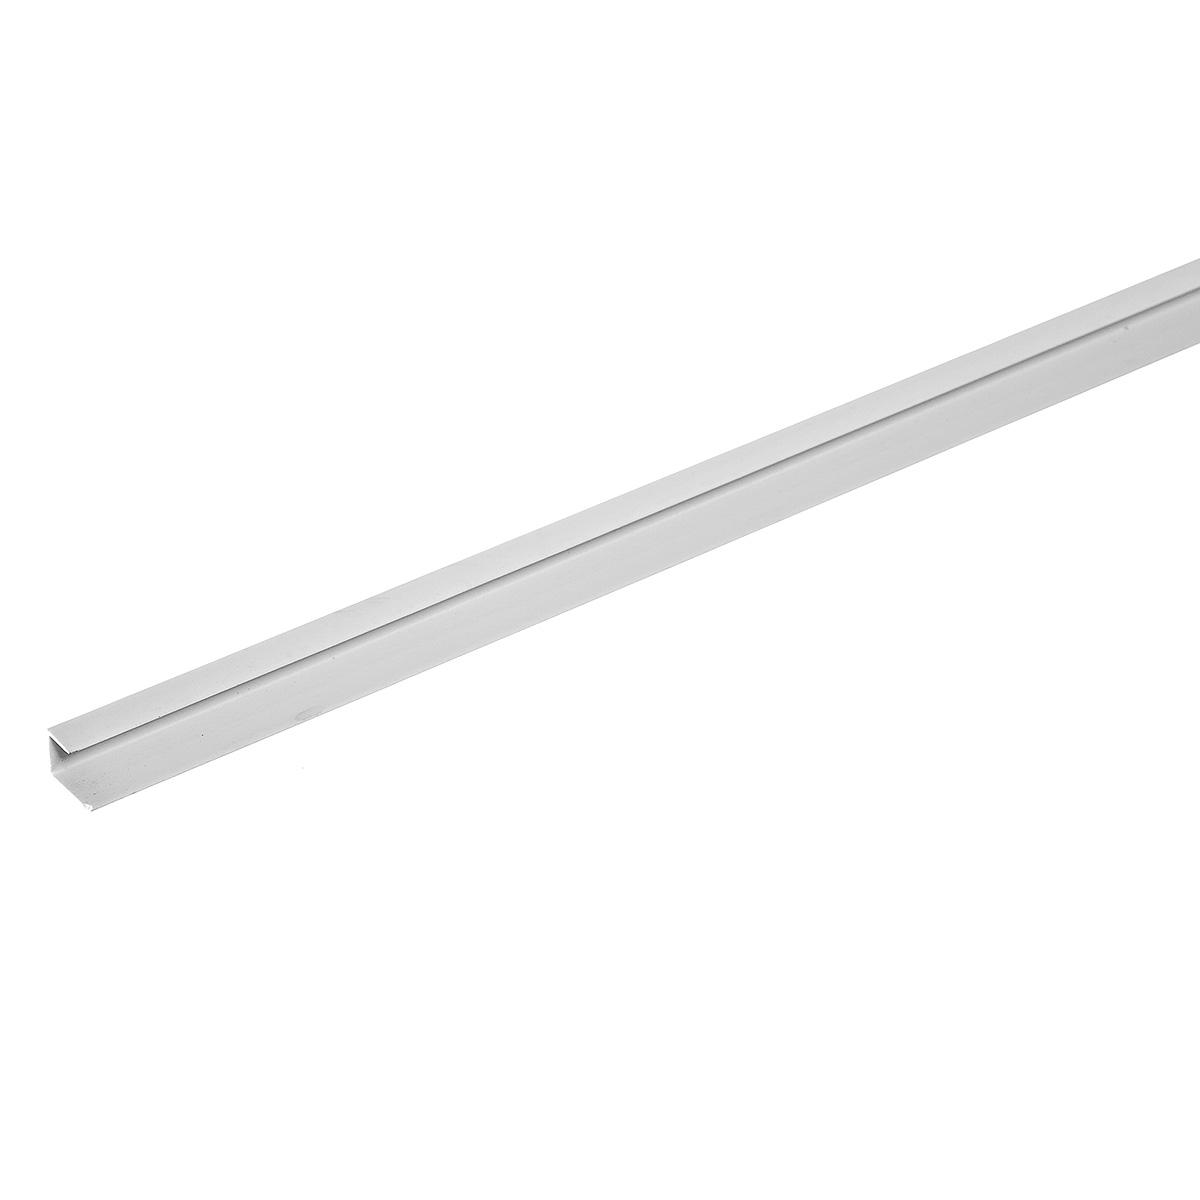 Профиль стартовый окантовочный для гипсокартона (пластиковый) 12,5 мм, 3 м